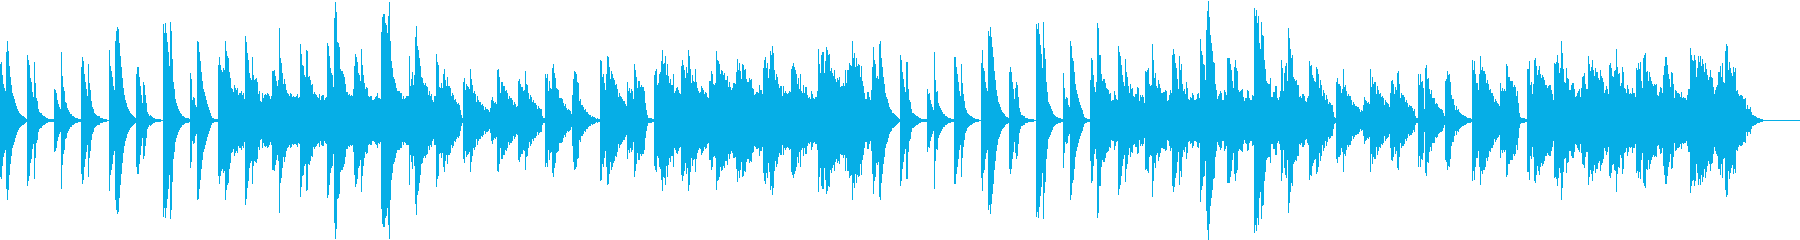 可愛らしいサウンドが赤ちゃんの眠りを誘うの再生済みの波形